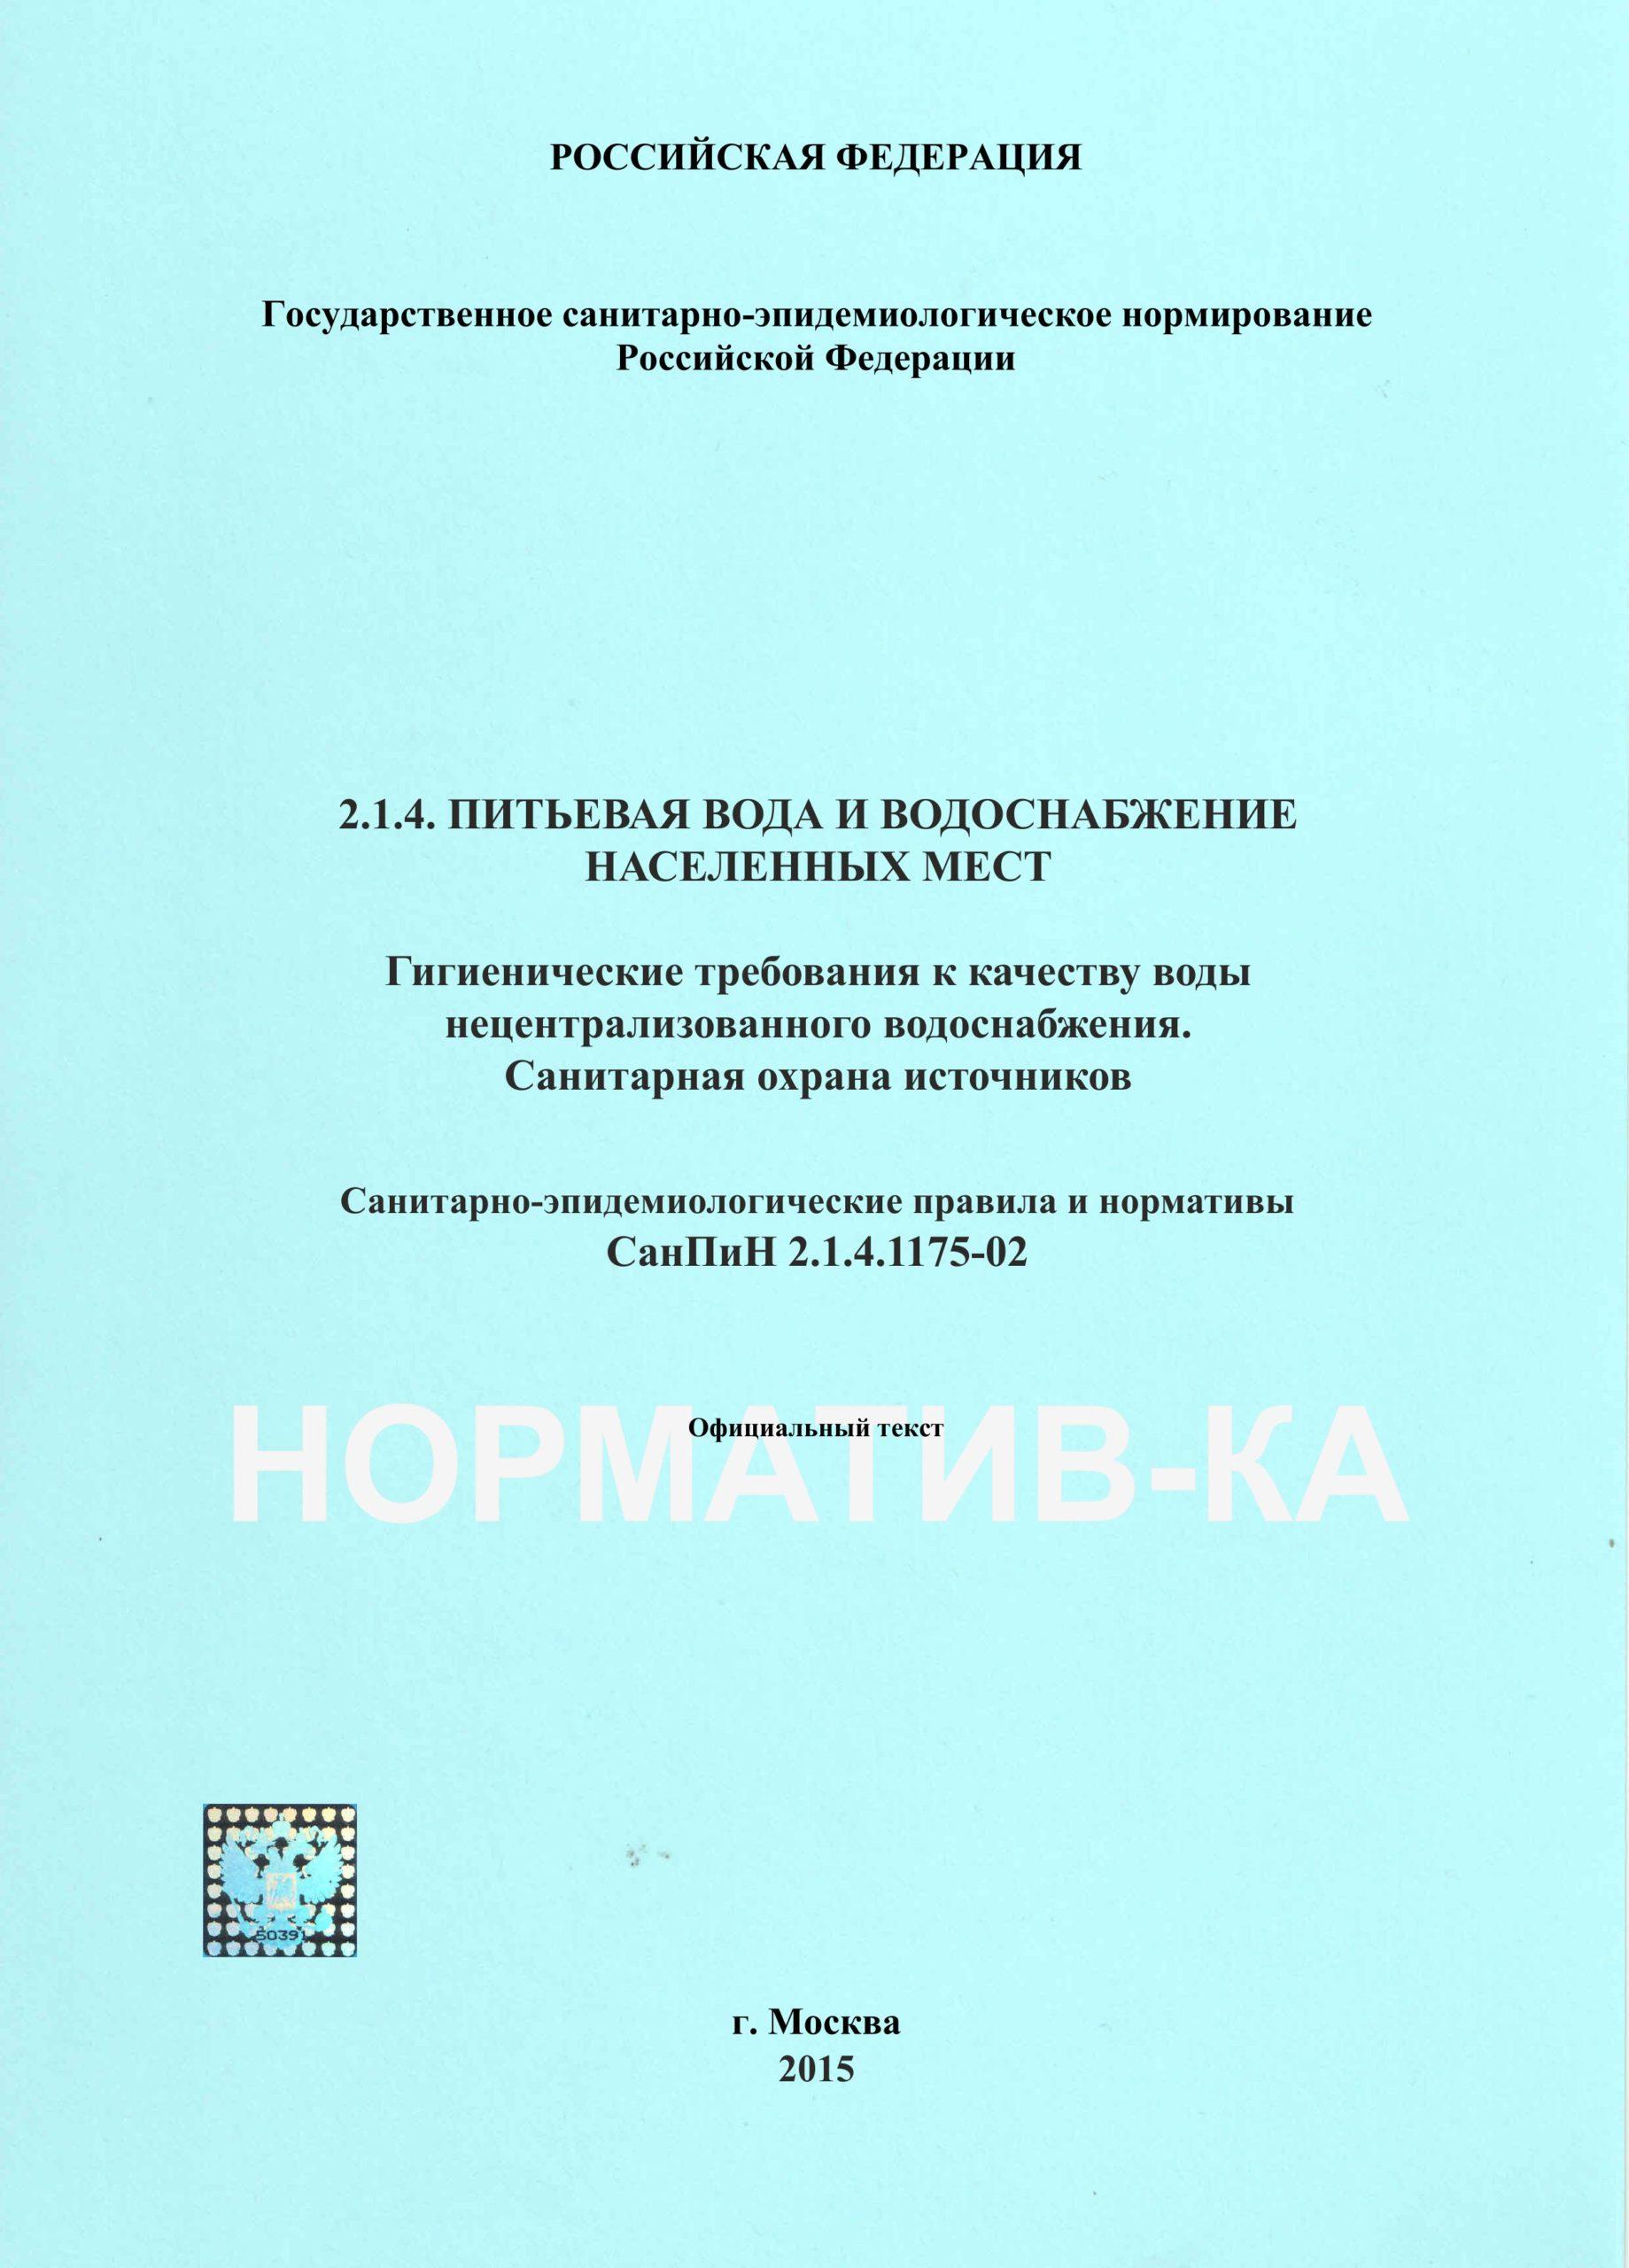 СанПиН 2.1.4.1175-02